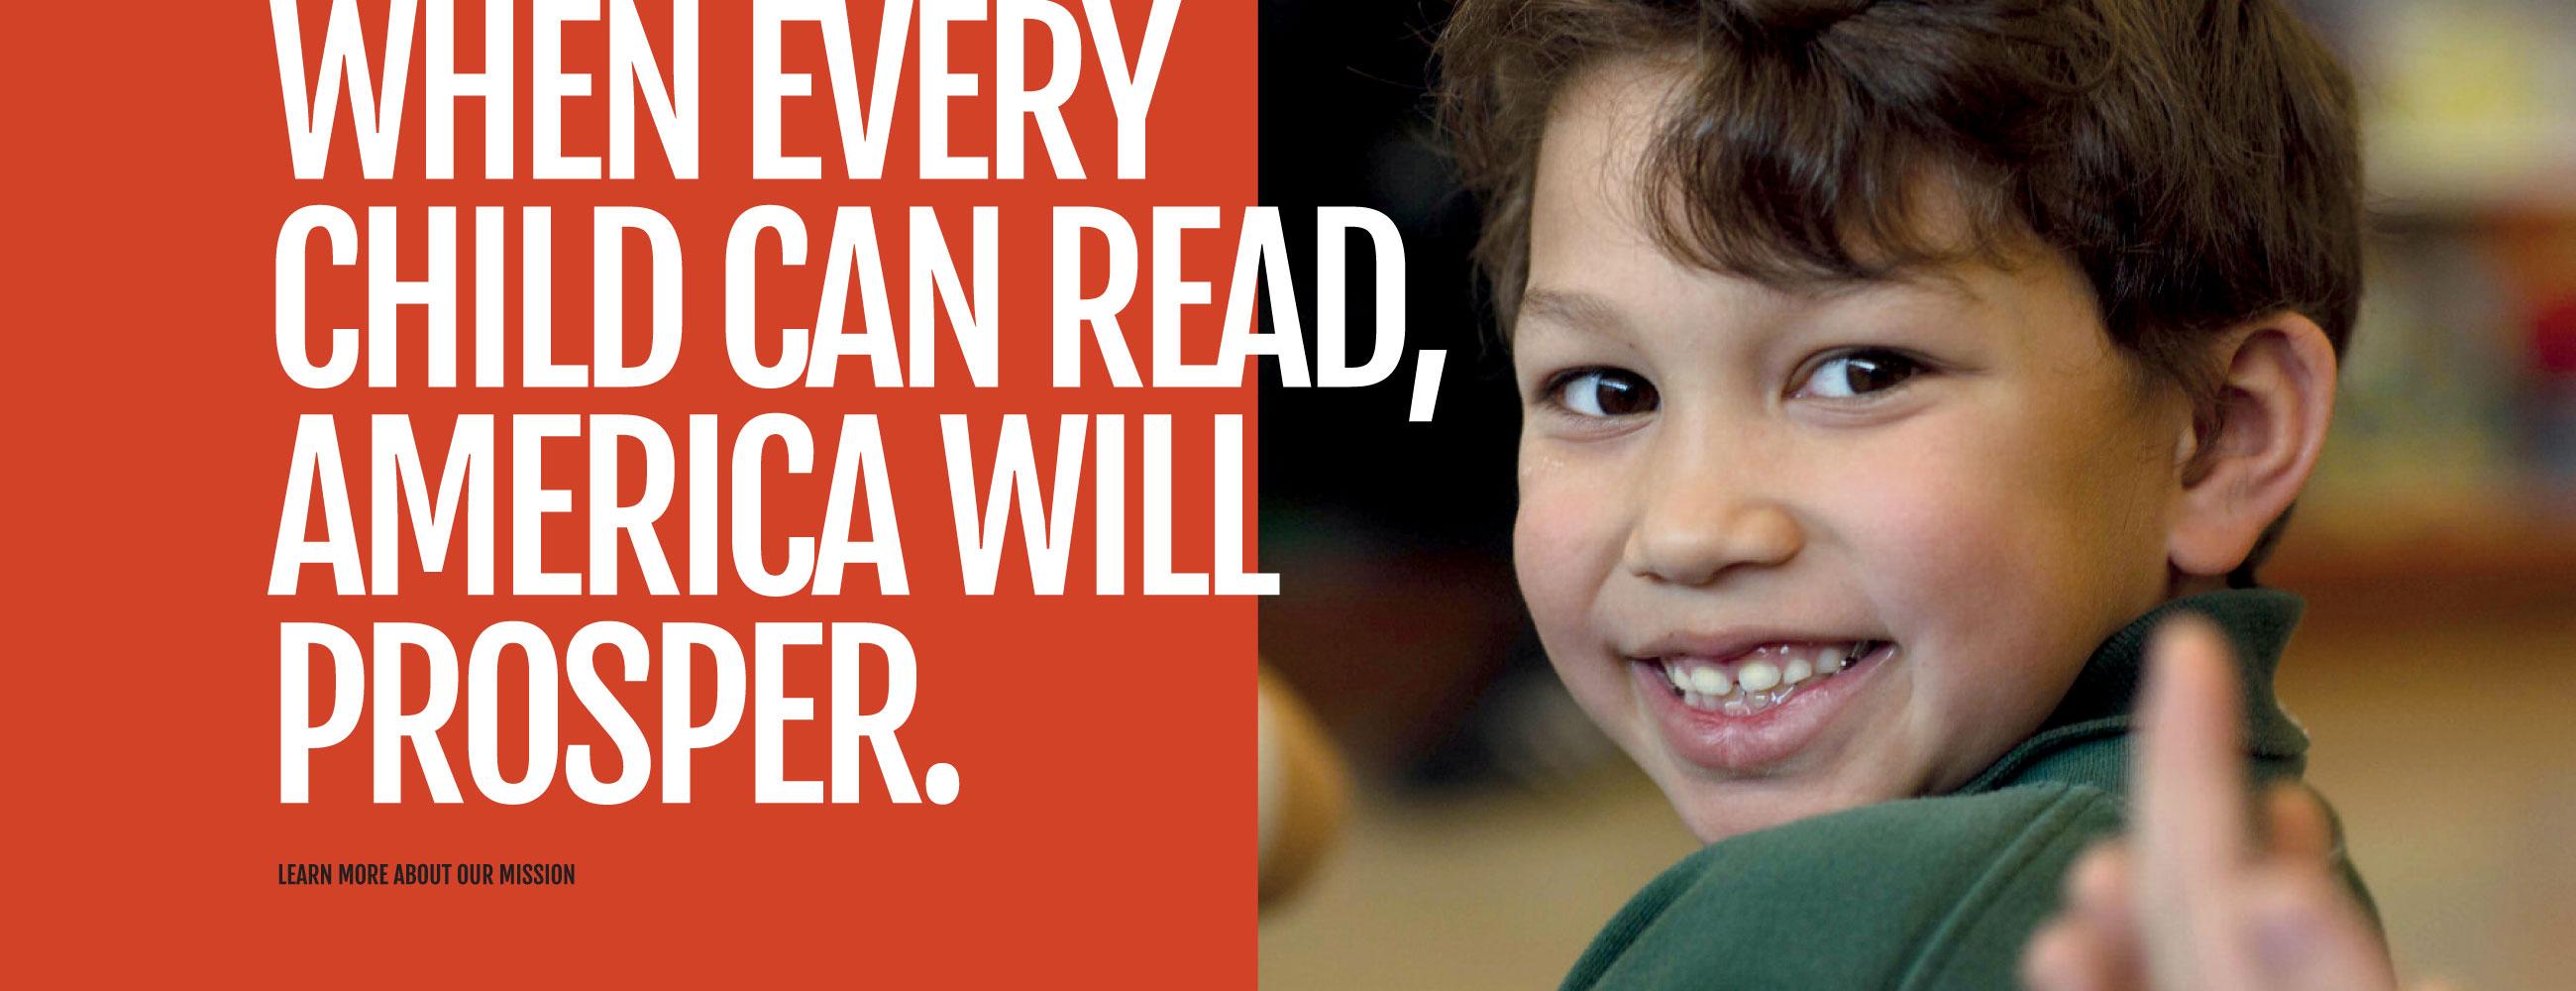 WHEN EVERY CHILD CAN READ, AMERICA WILL PROSPER.